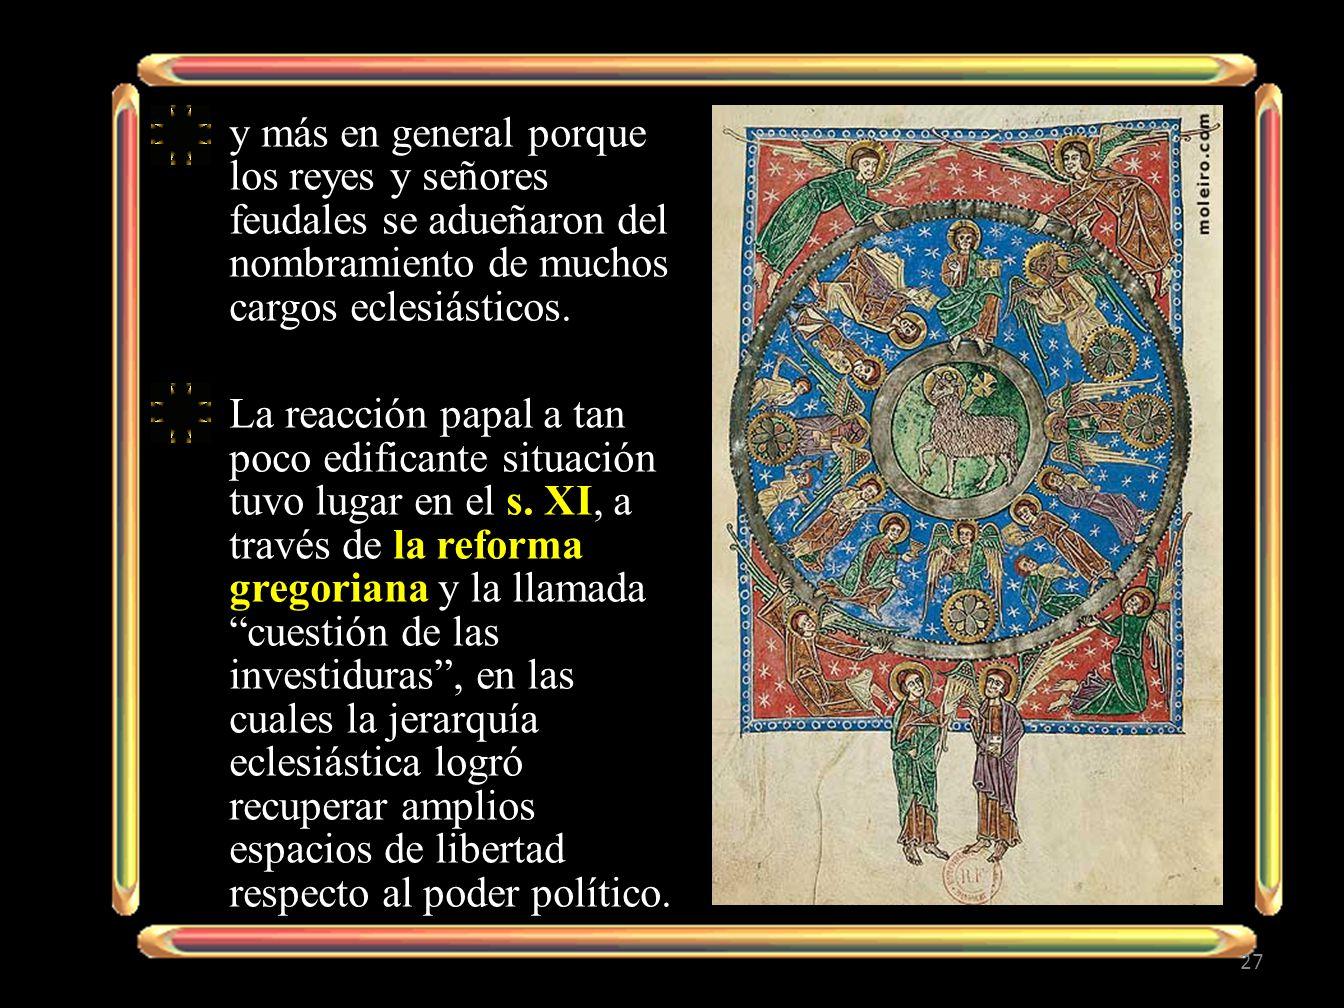 y más en general porque los reyes y señores feudales se adueñaron del nombramiento de muchos cargos eclesiásticos.